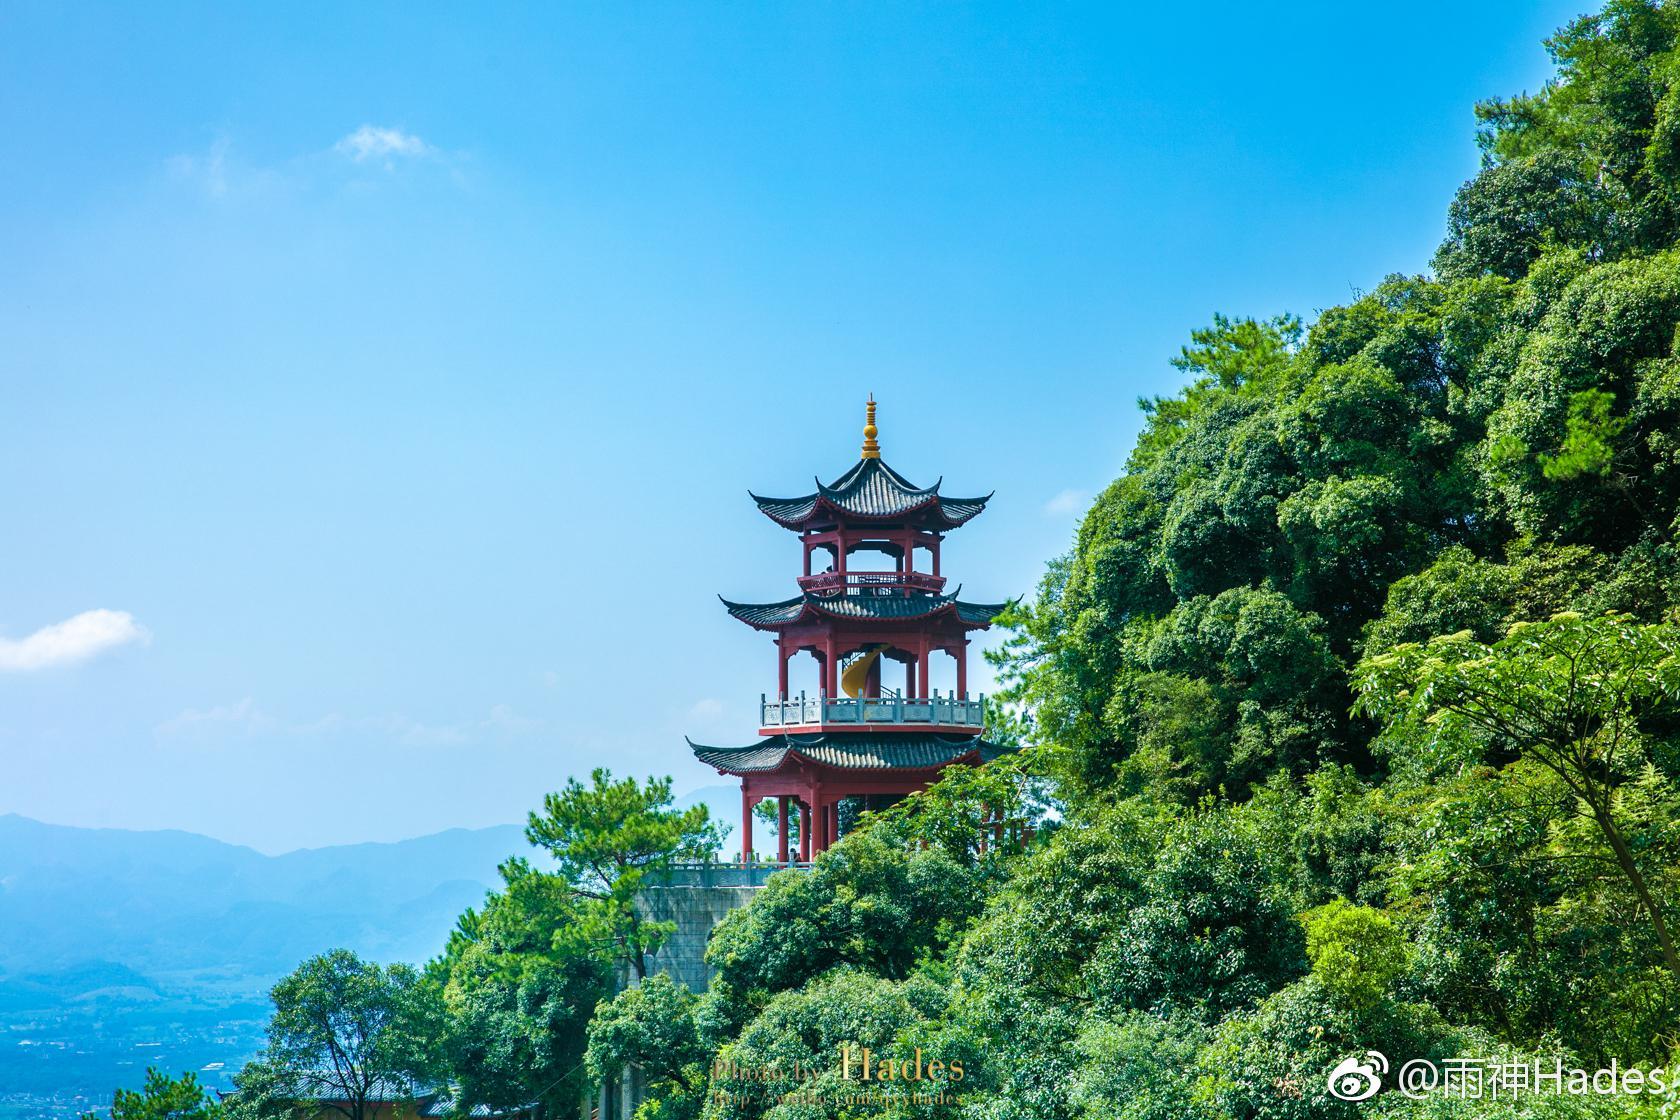 云門山風景區位于韶關乳源瑤族自治縣.這里地處山野,群山環抱